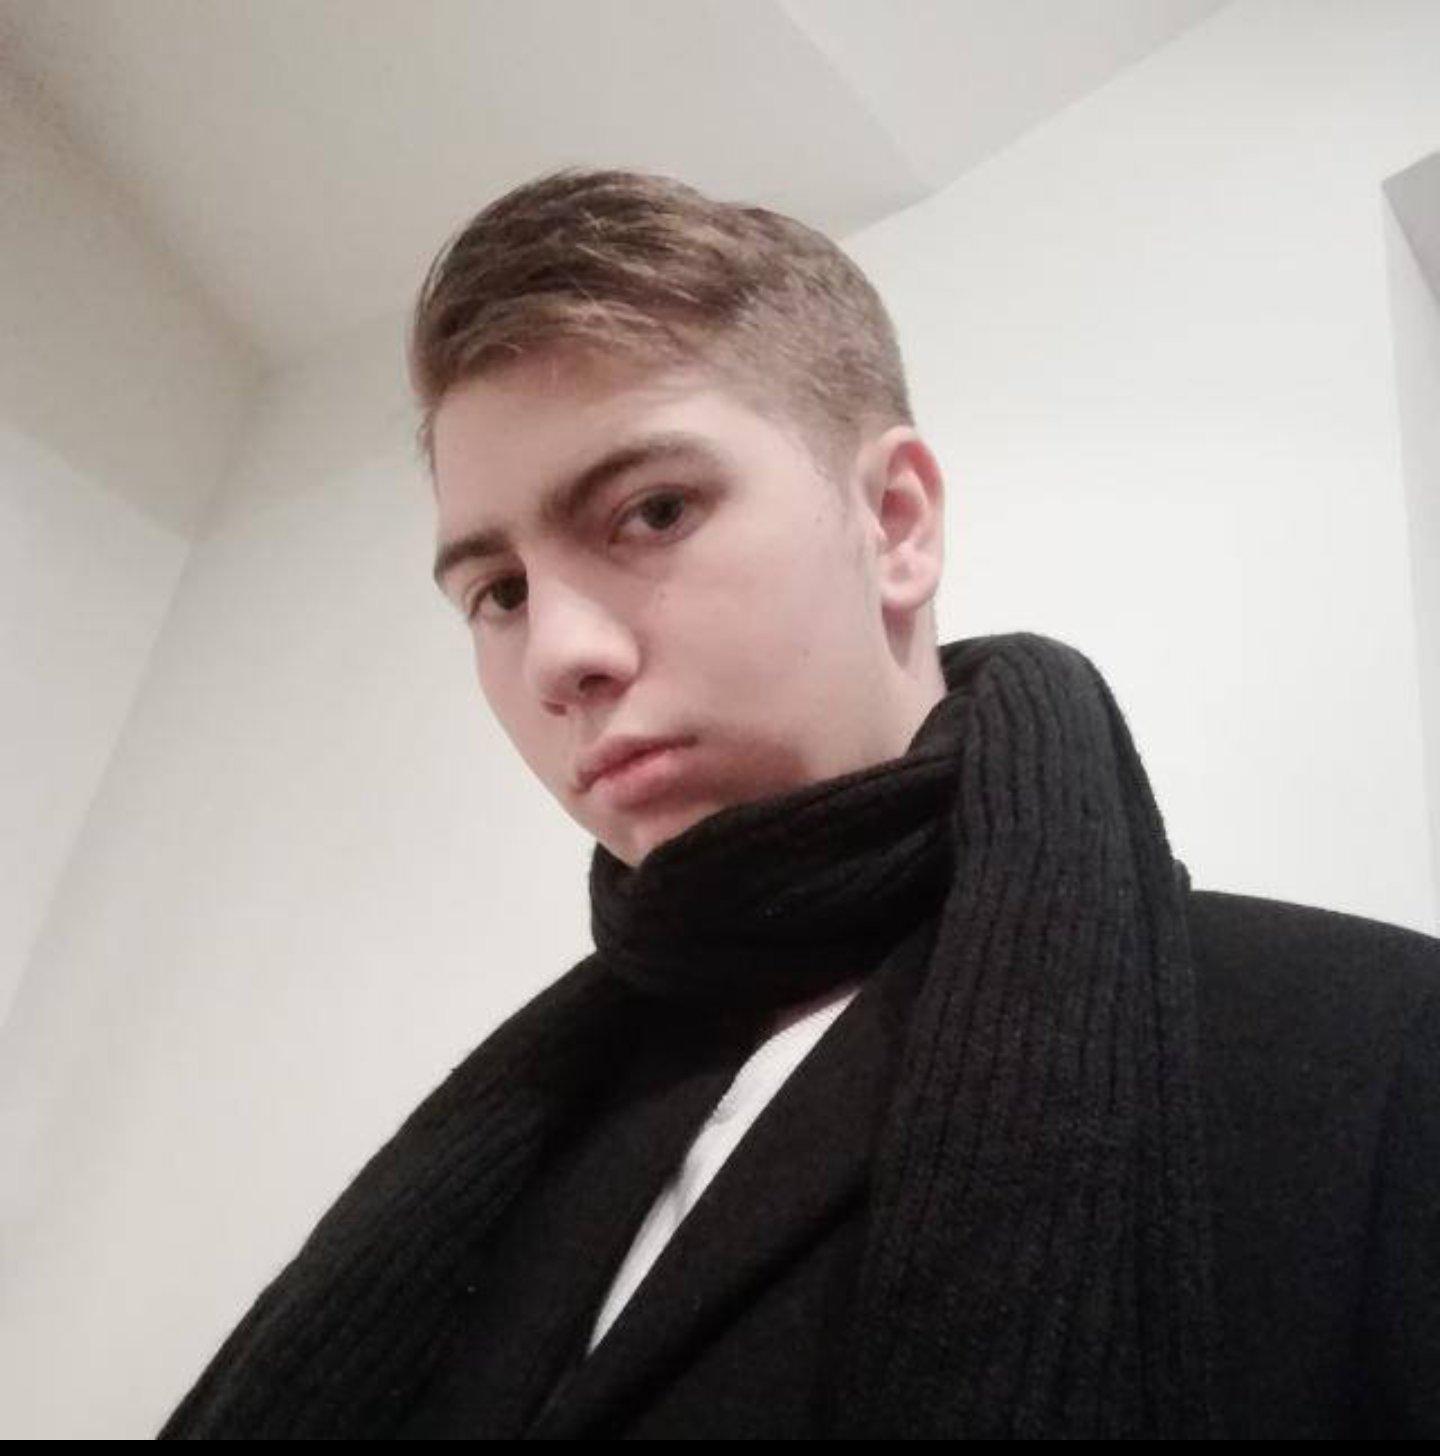 Elias-Lukas aus Bayern,Deutschland